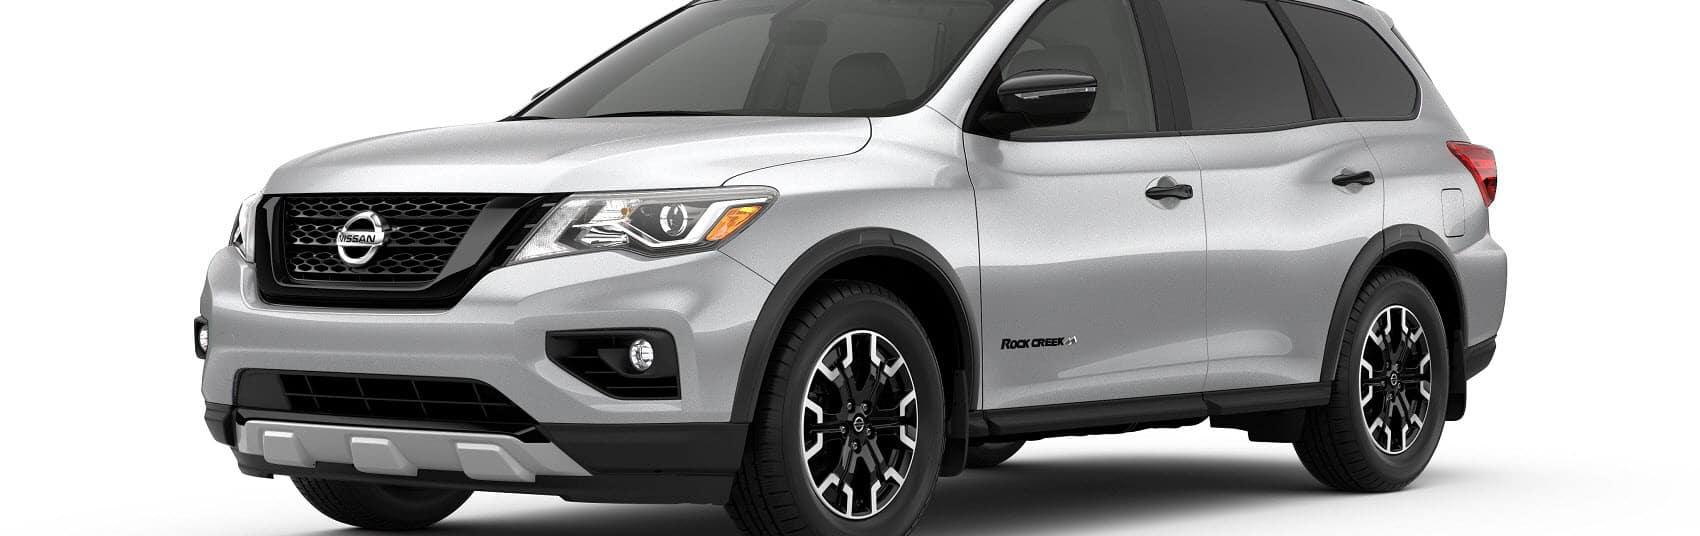 Nissan Pathfinder Silver